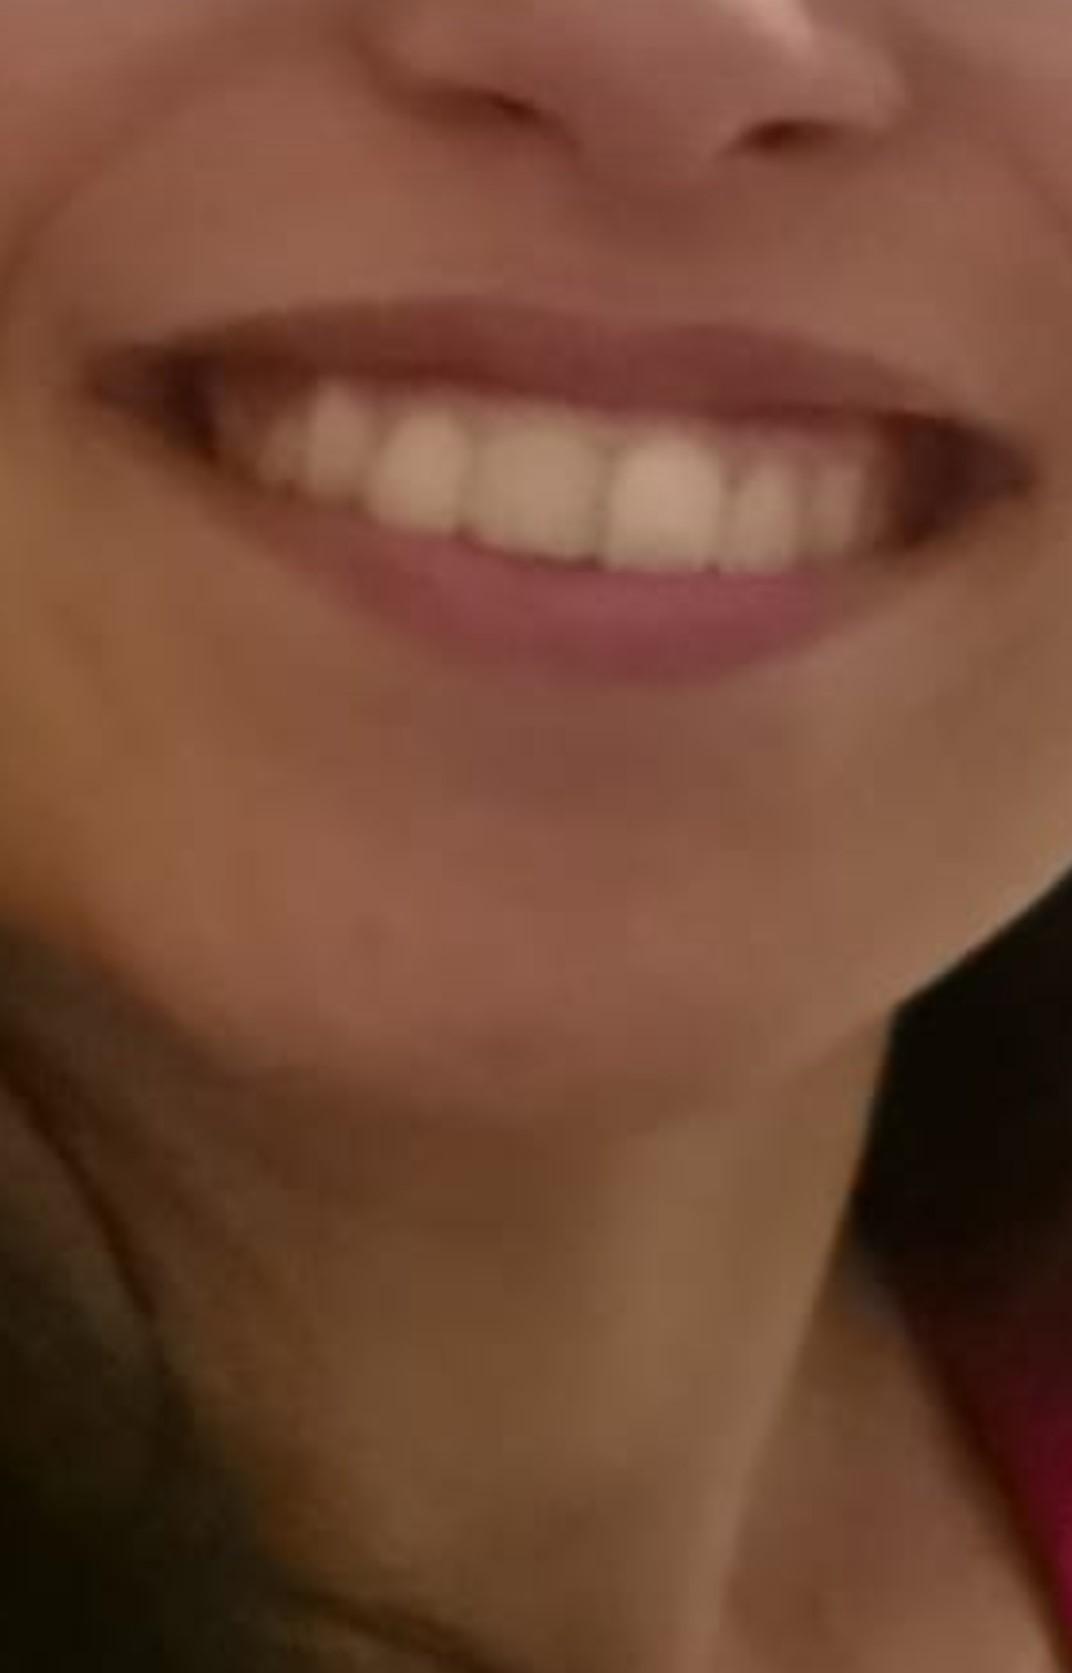 Ultimamente alcuni dei miei denti sono diventati più giallastri rispetto ad altri